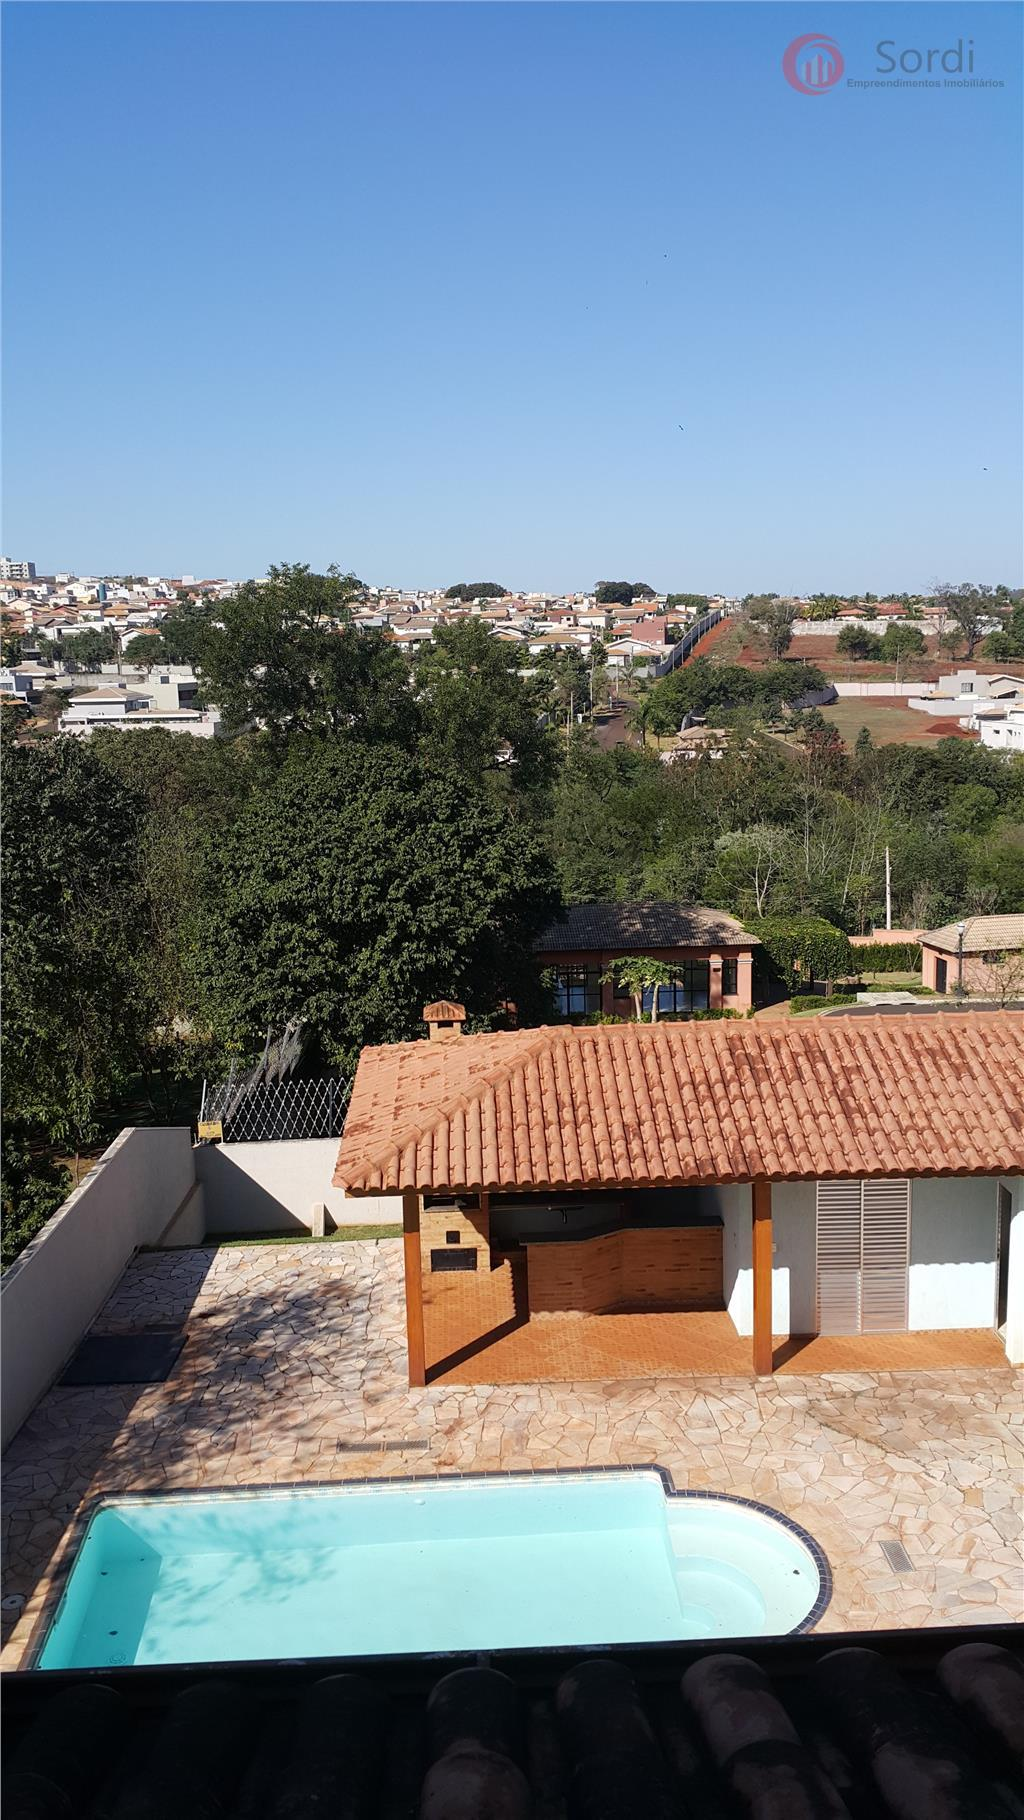 Sobrado com 5 dormitórios à venda, 440 m² por R$ 1.400.000 - Bonfim Paulista - Ribeirão Preto/SP